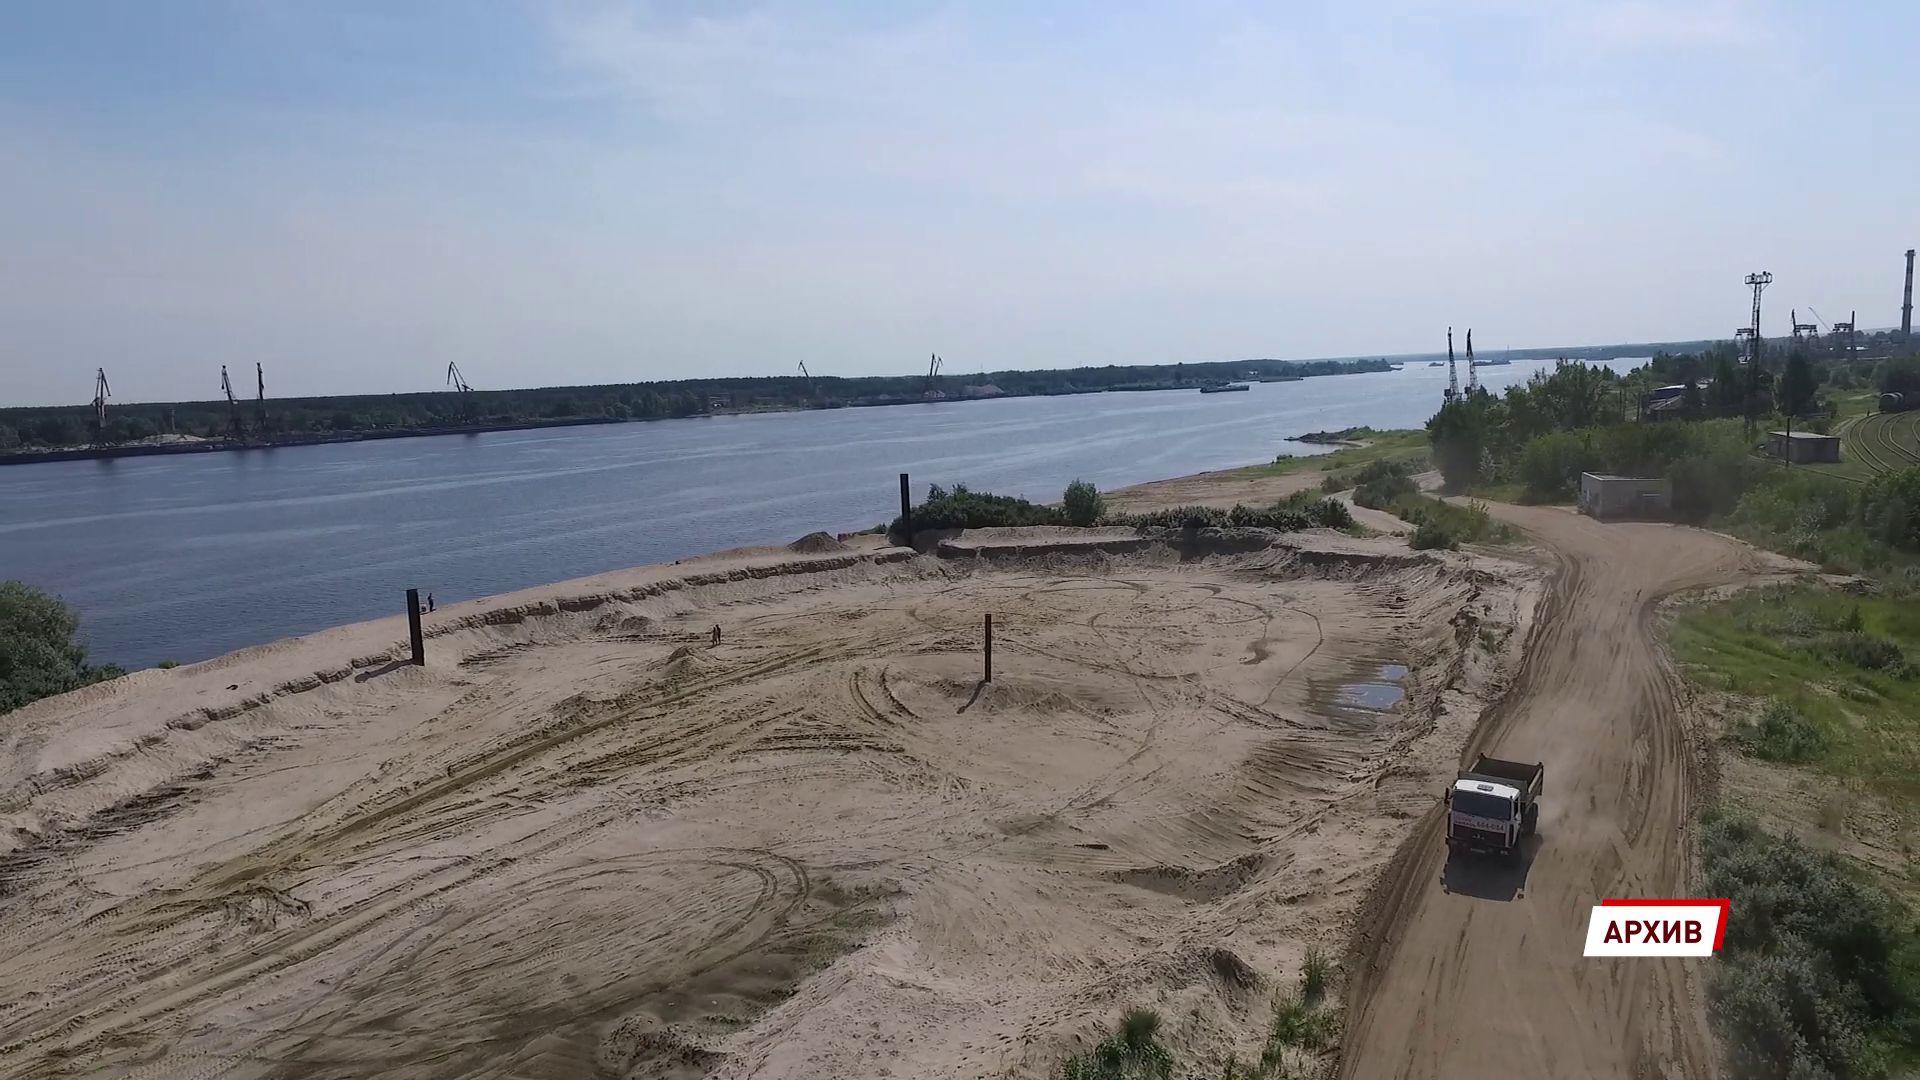 52 нарушения в сфере недропользования выявили в Ярославском регионе